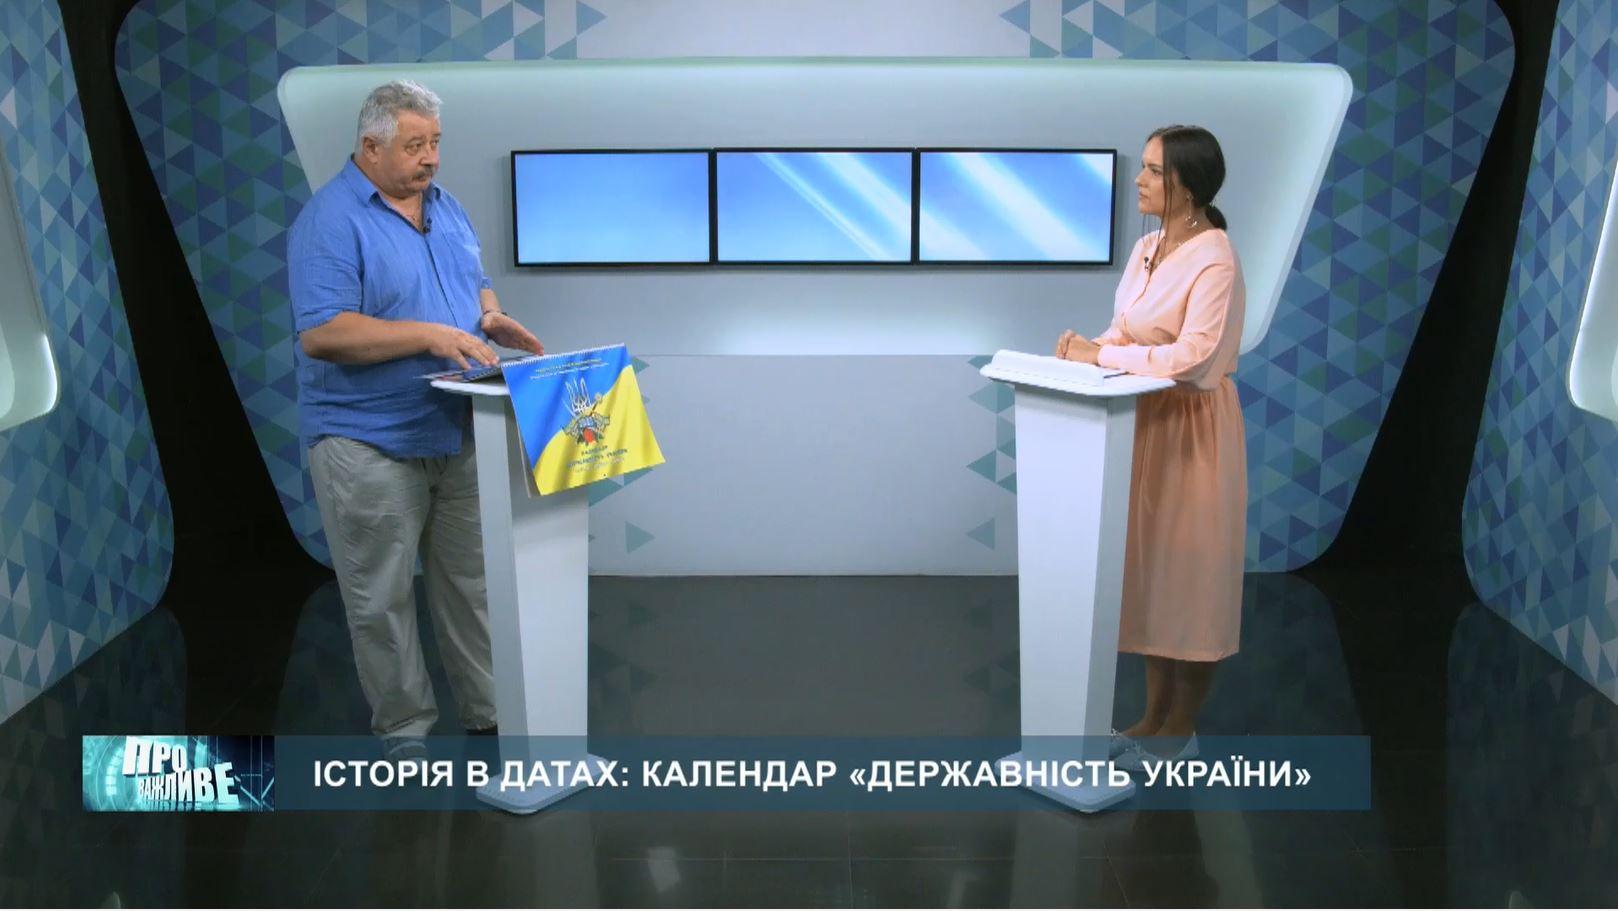 «Про важливе». Історія в датах: календар «Державність України»